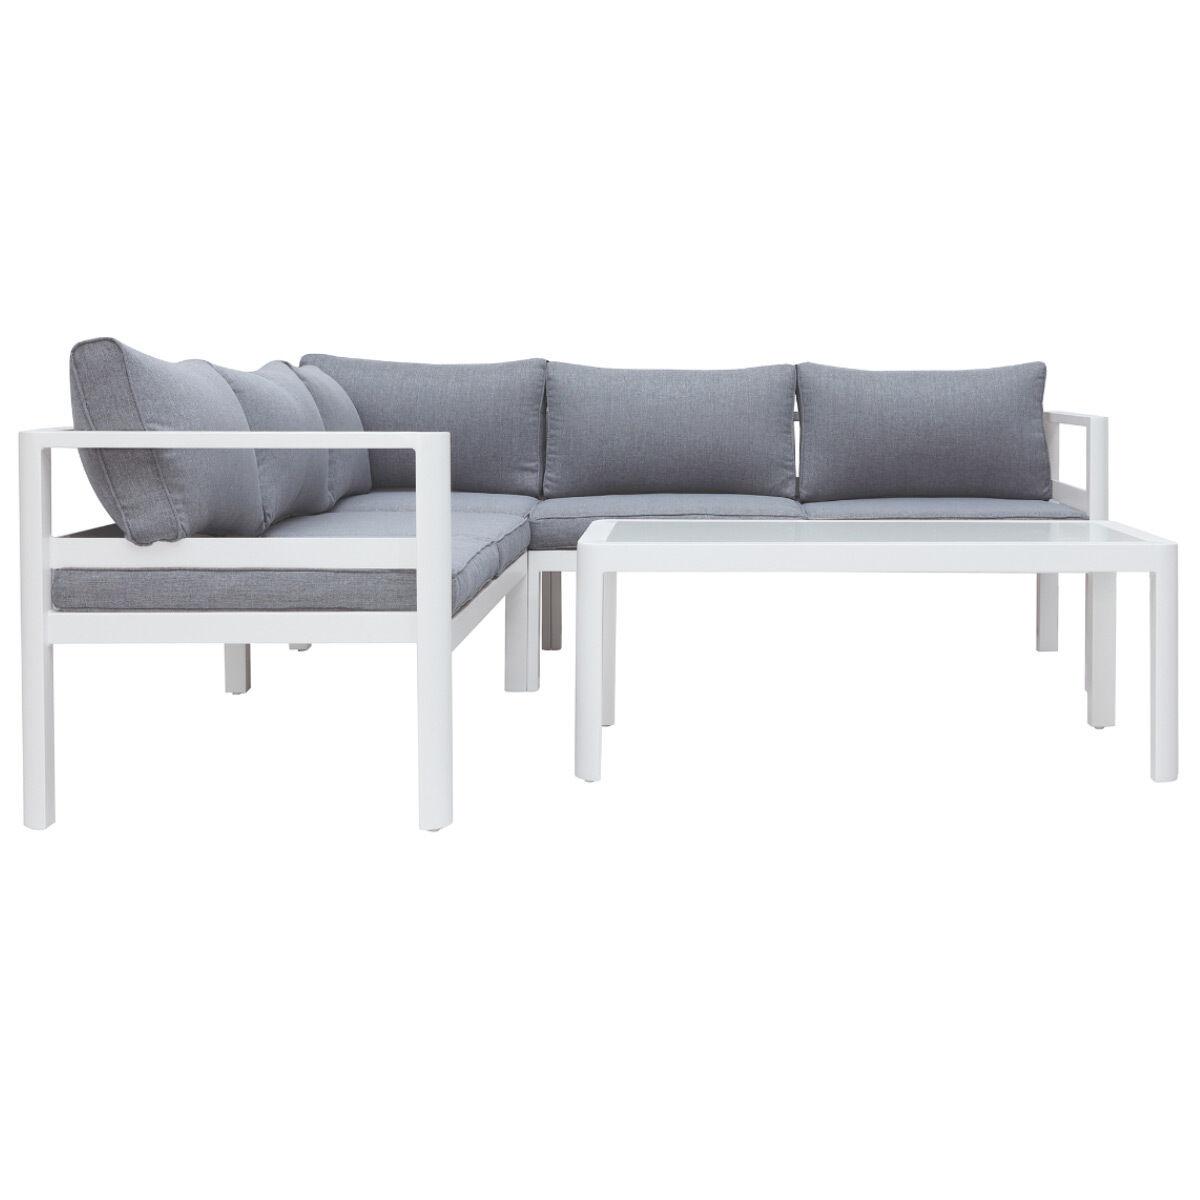 Miliboo Salon de jardin design gris foncé avec table basse TONIGHT